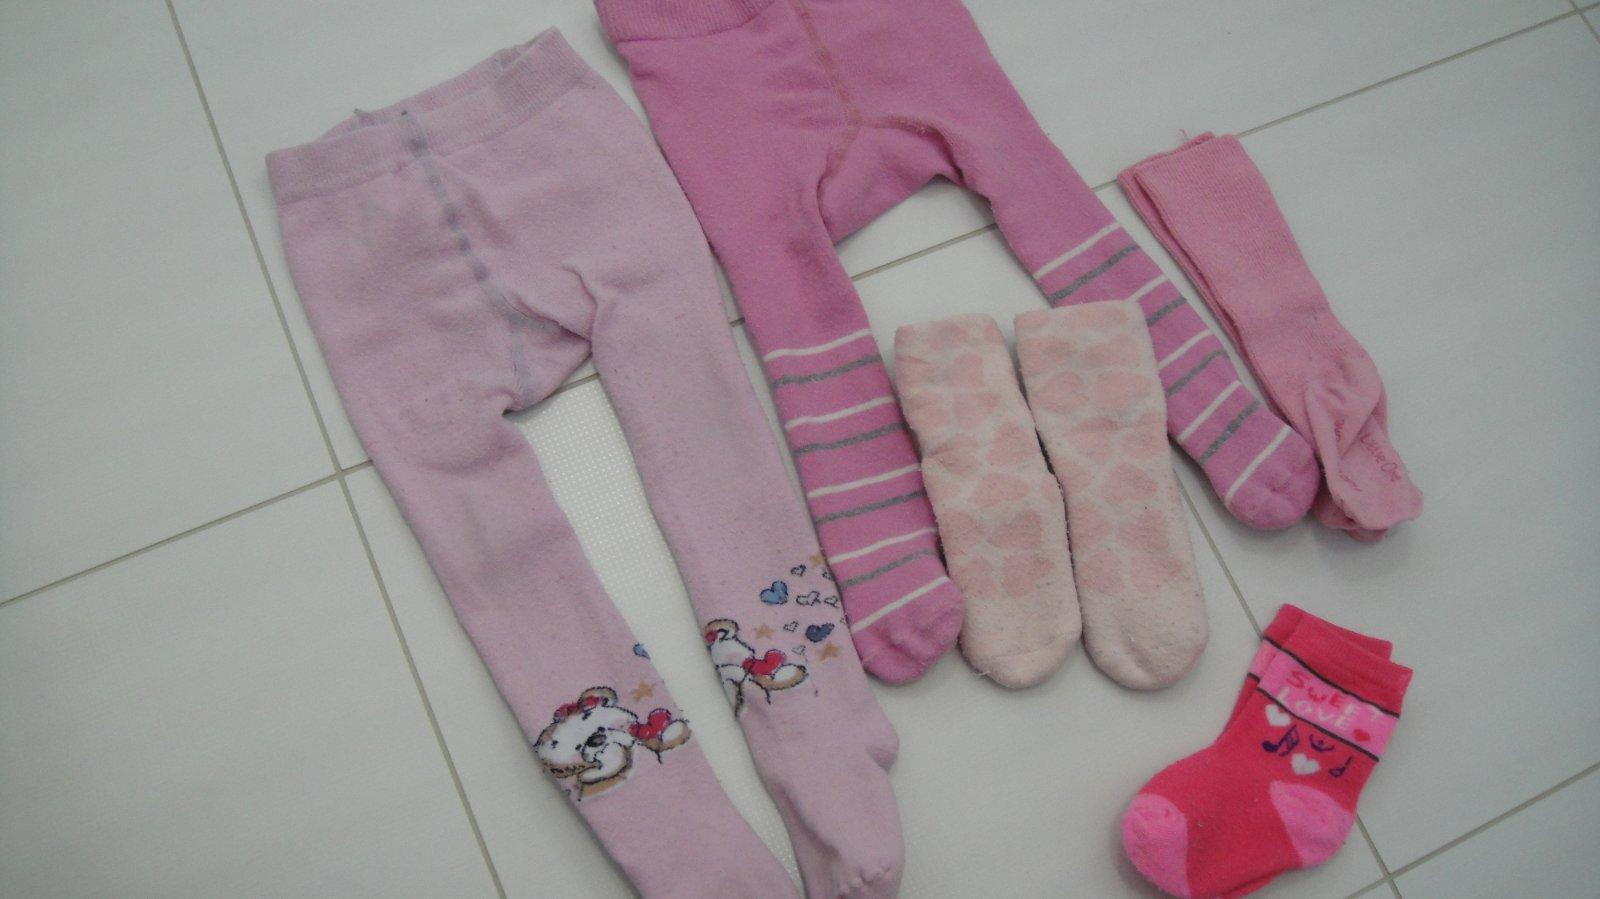 Sada oblečení na holčičku - punčocháče a ponožky 5ad1bae08c